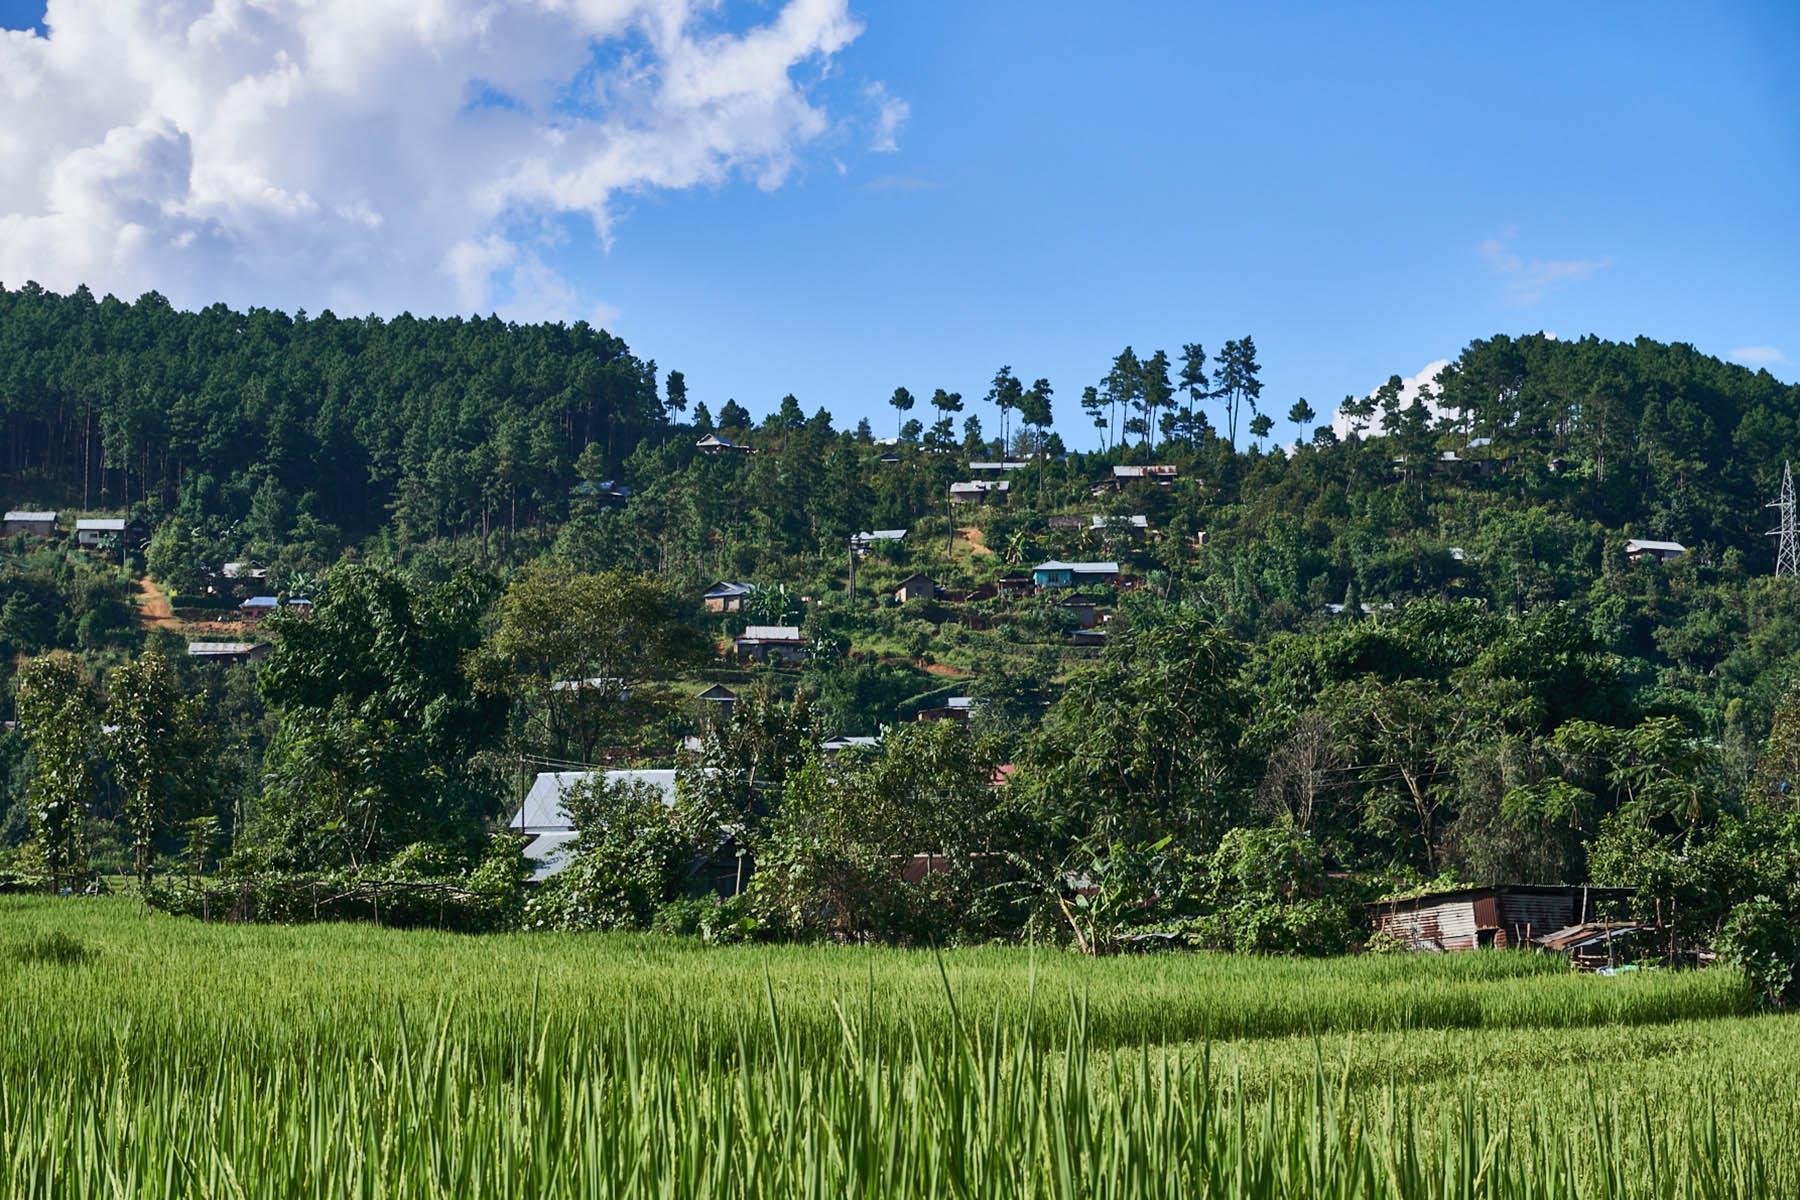 Interesująca osada na zboczu wzgórza